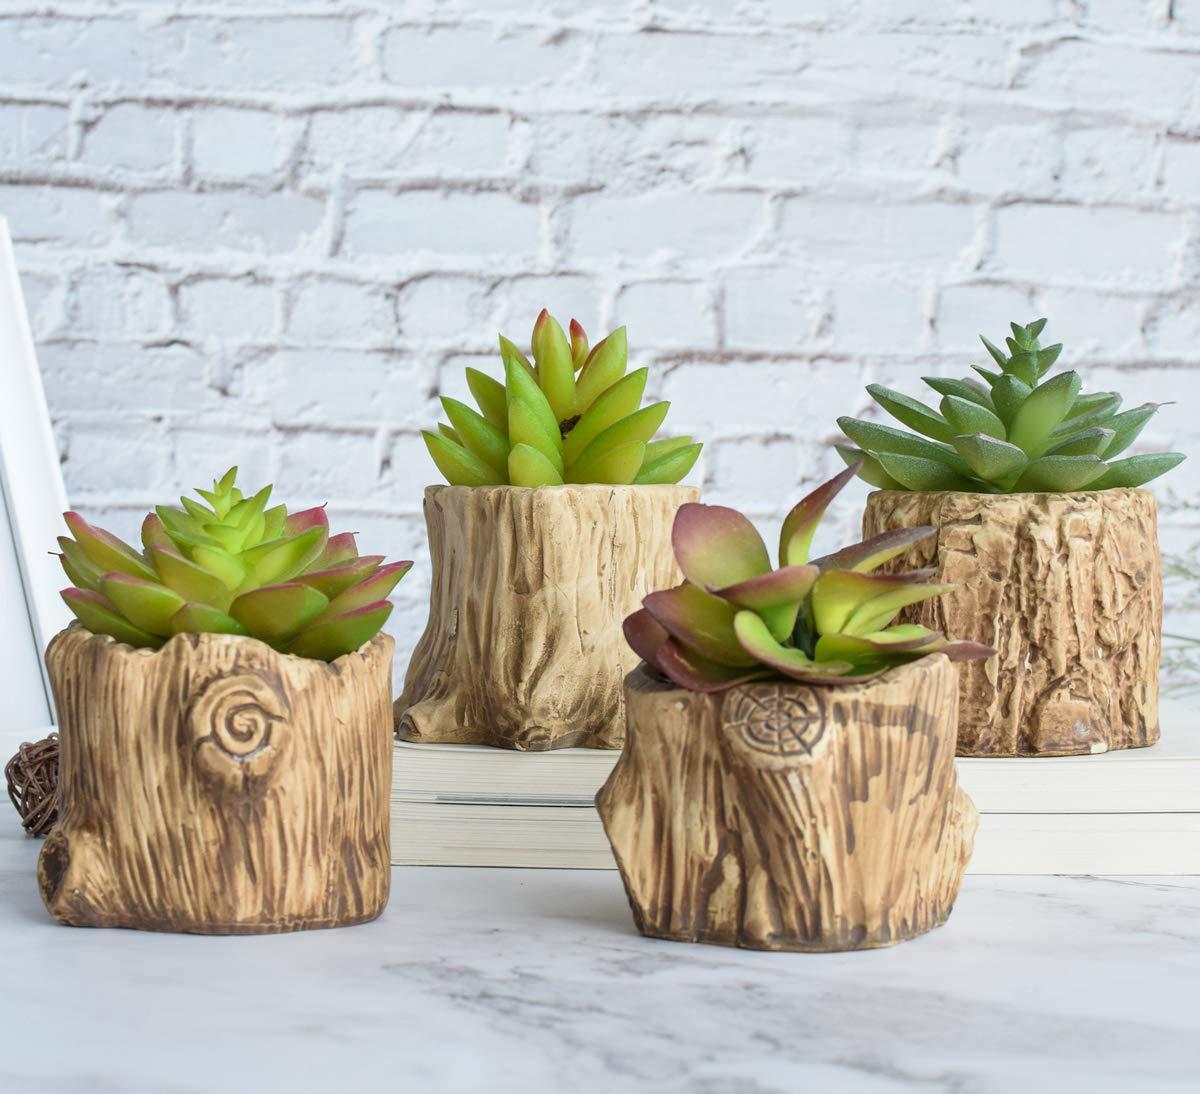 Set of 4 Ceramic Wooden Pattern Succulent Plant Pot with a Drainage Cactus Plant Pot Flower Pot Container Planter Bonsai Pots Tabletop Decor